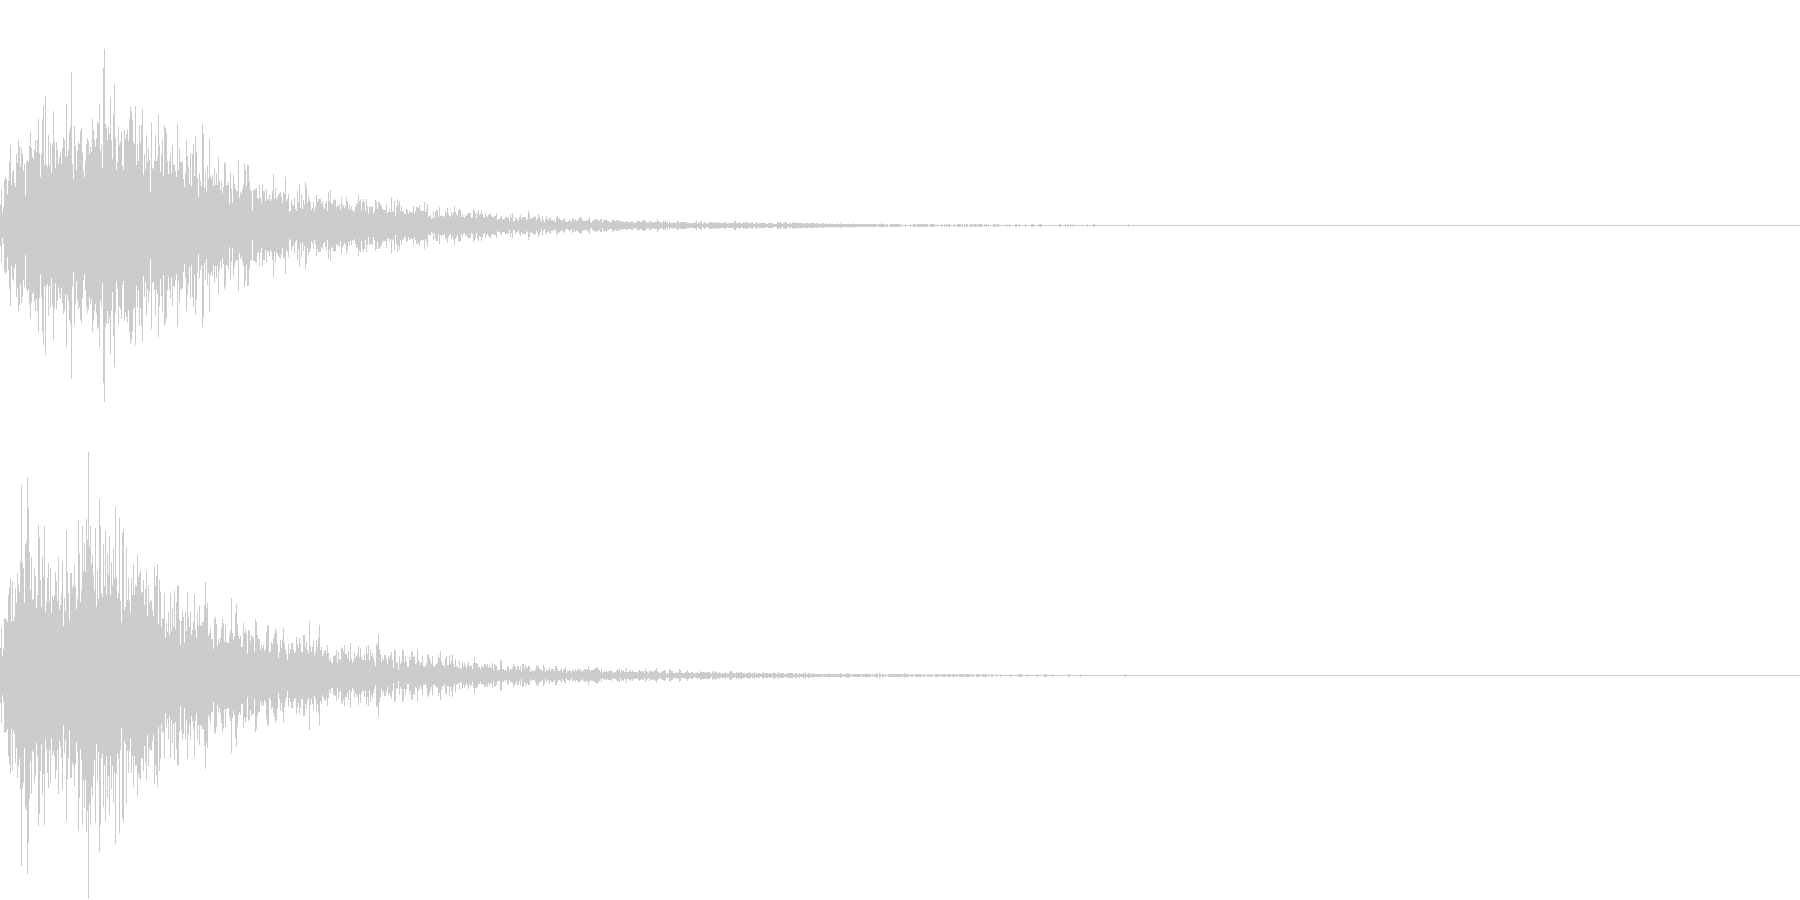 カカン!和風な歌舞伎の床音(附け木)01の未再生の波形